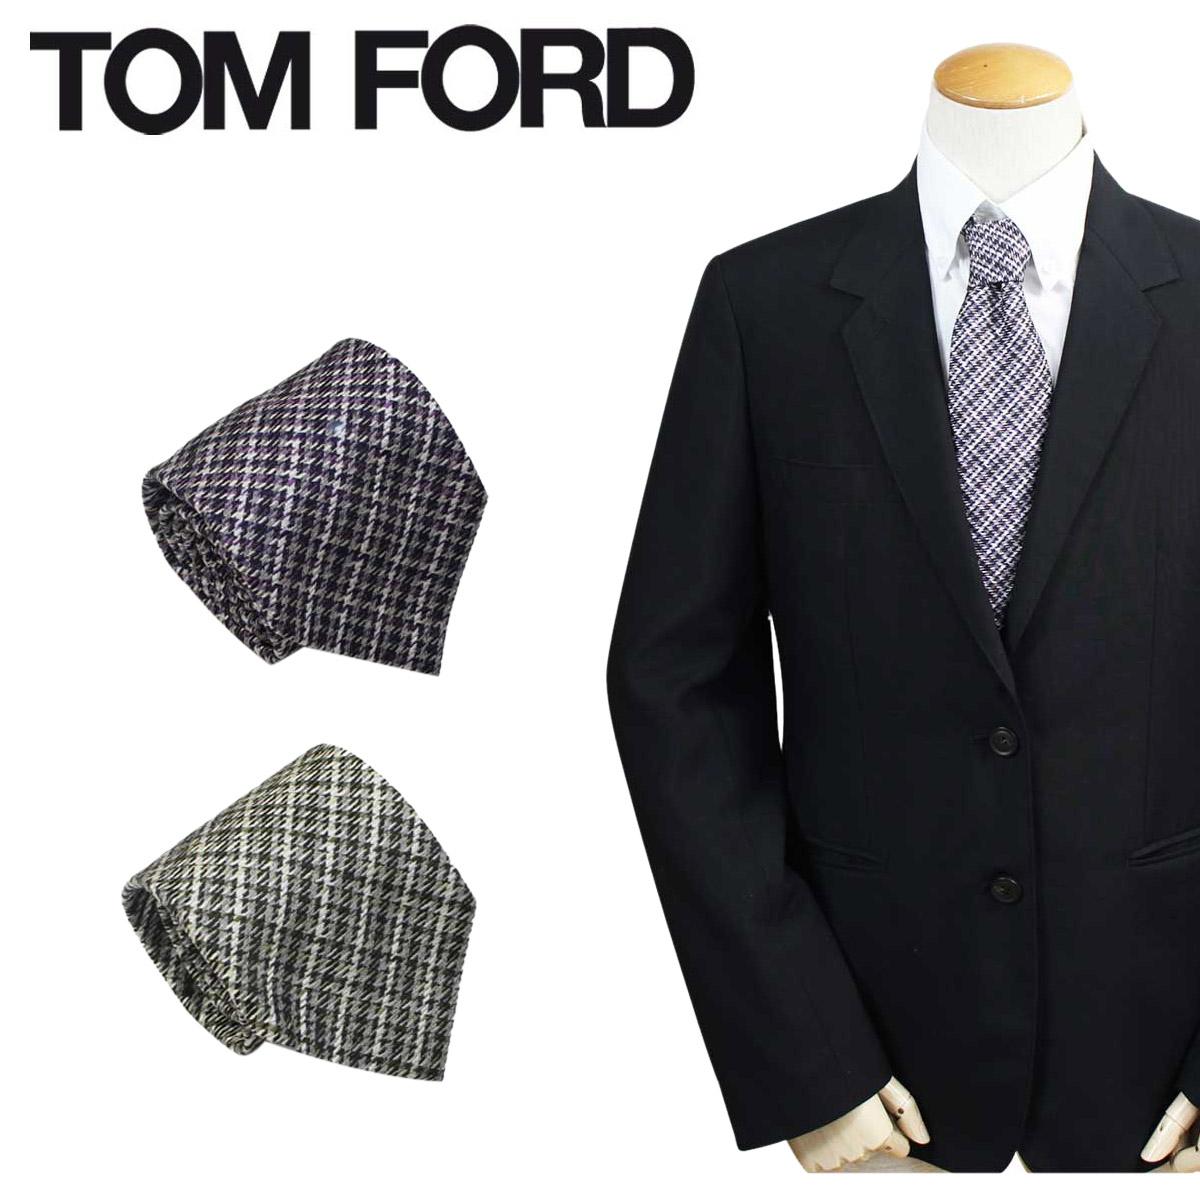 トムフォード ネクタイ シルク TOM FORD トム フォード メンズ カジュアル ビジネス 結婚式 イタリア製 【決算セール 返品不可】